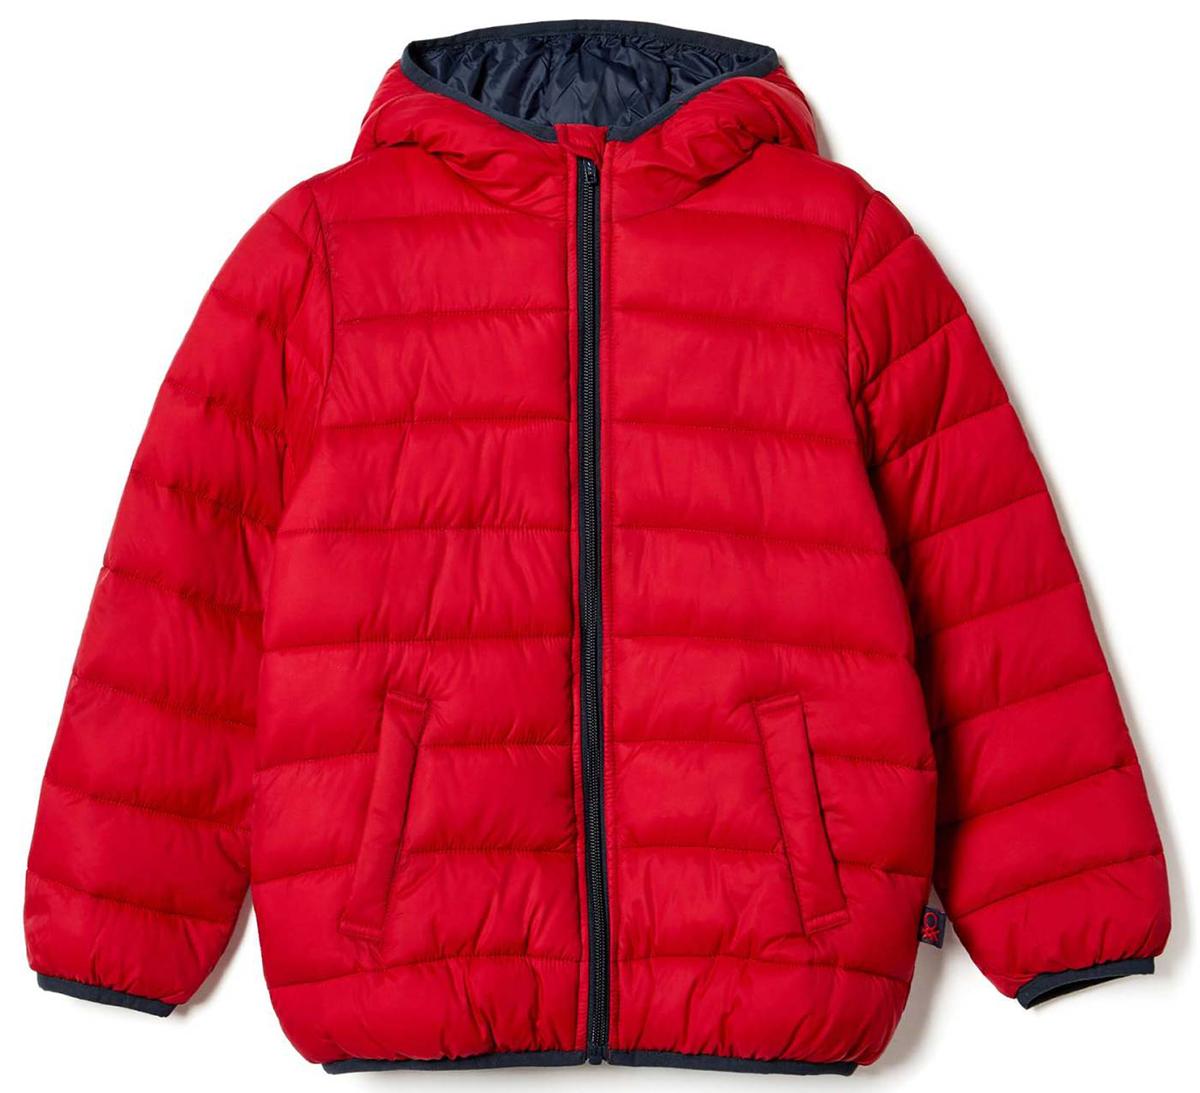 Куртка для мальчика United Colors of Benetton, цвет: красный. 2BA253AD0_07C. Размер 1502BA253AD0_07CКуртка для мальчика United Colors of Benetton выполнена из полиамида. Модель с капюшоном и длинными рукавами застегивается на застежку-молнию.